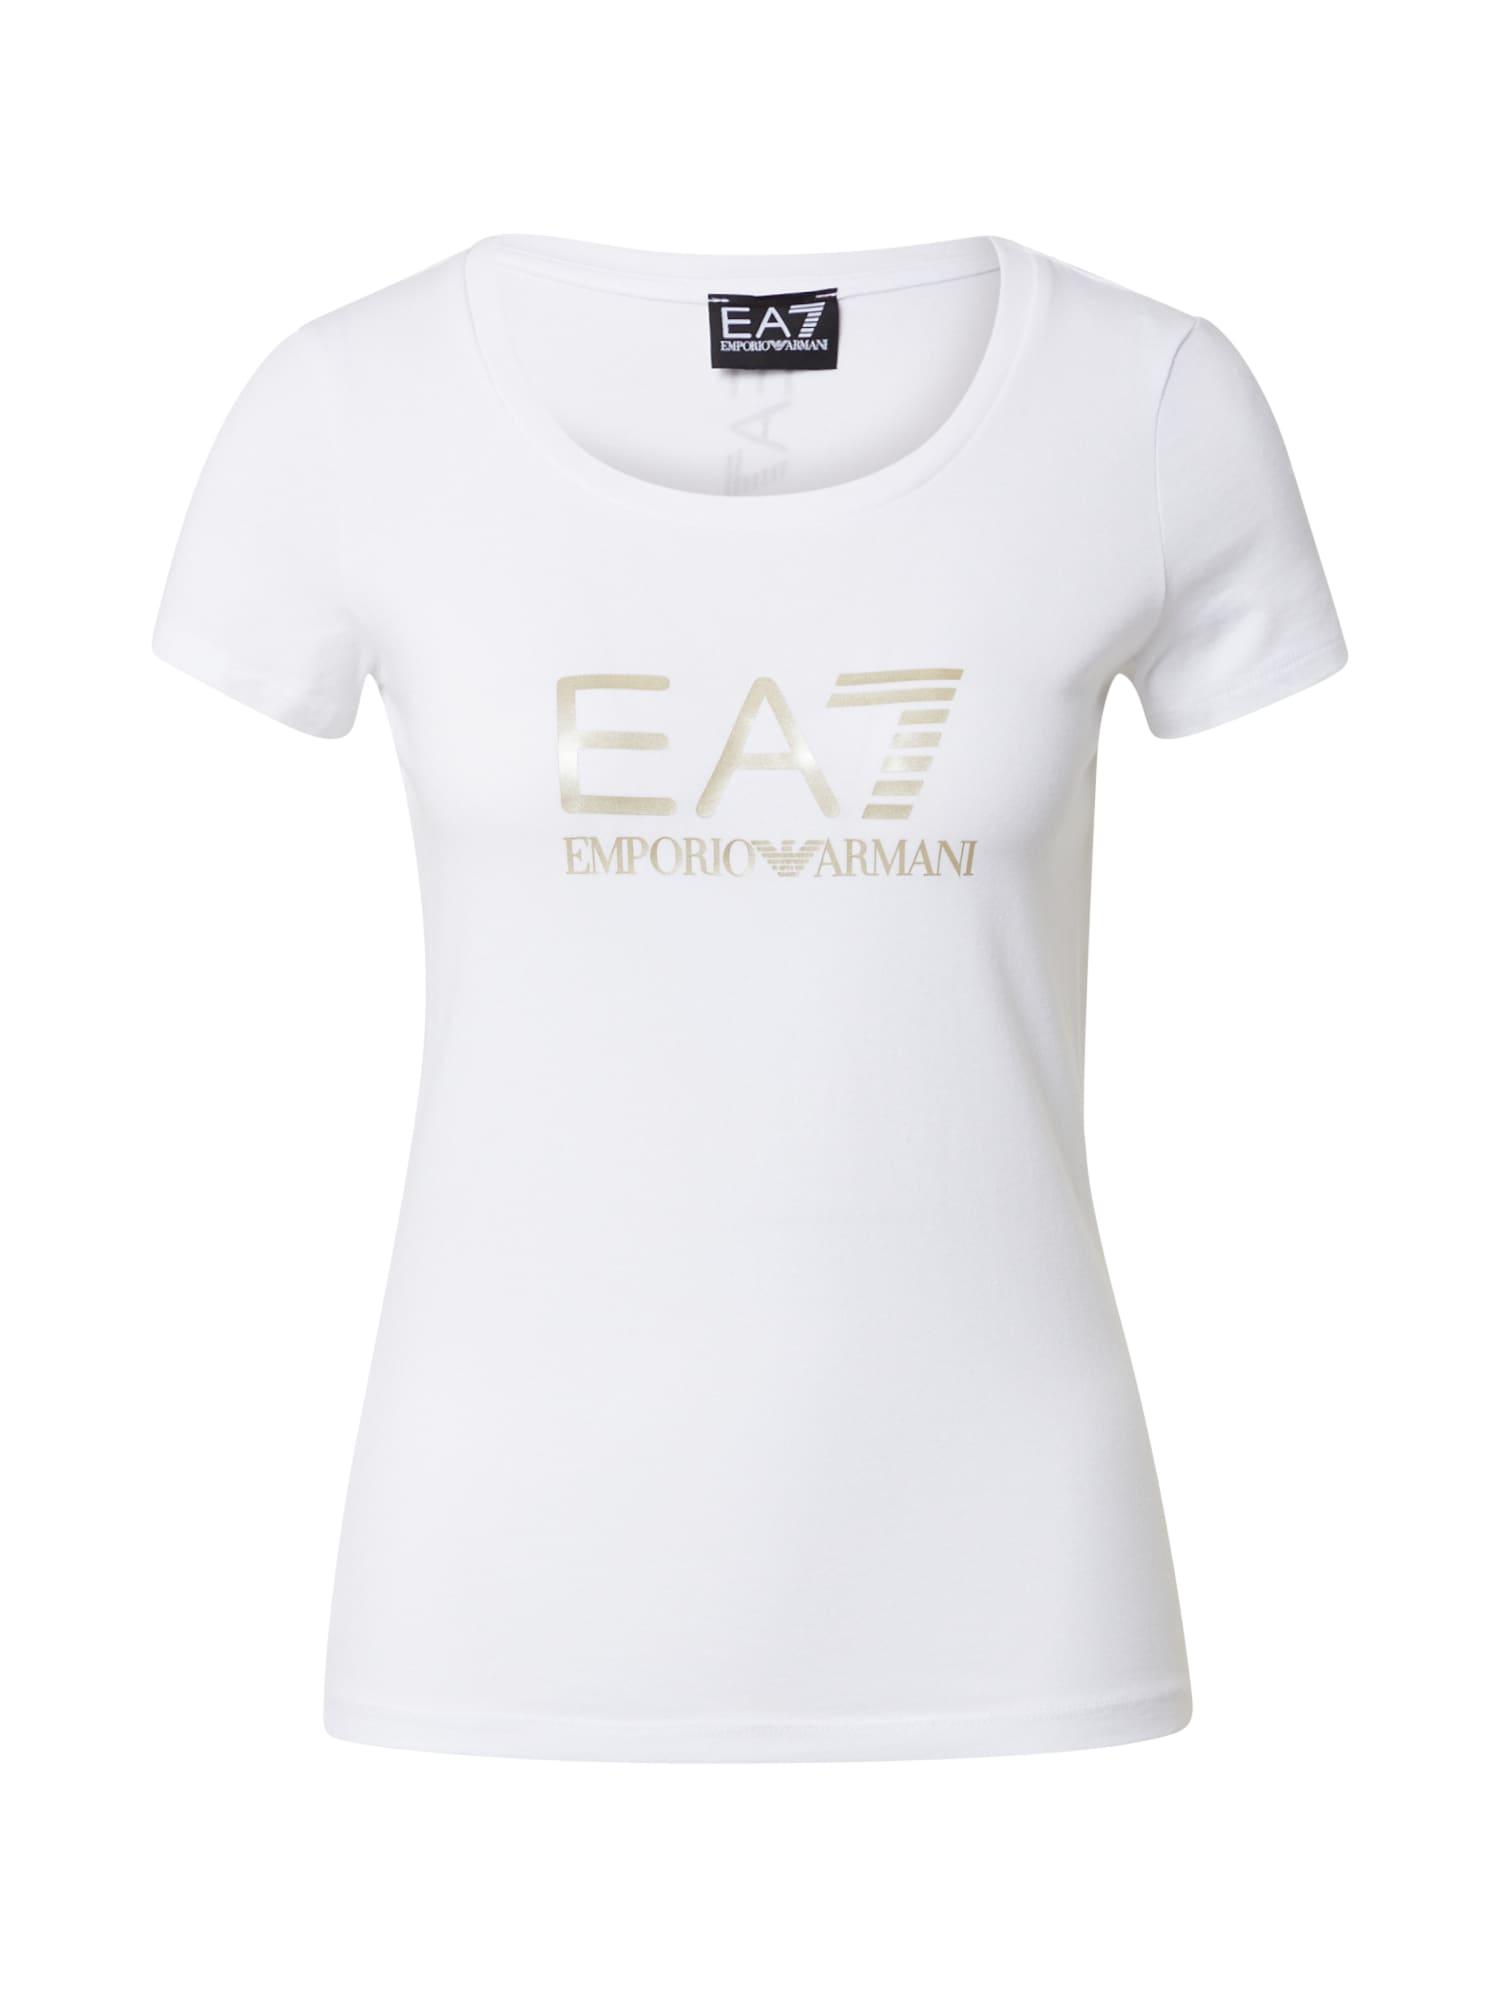 EA7 Emporio Armani Marškinėliai balta / aukso geltonumo spalva